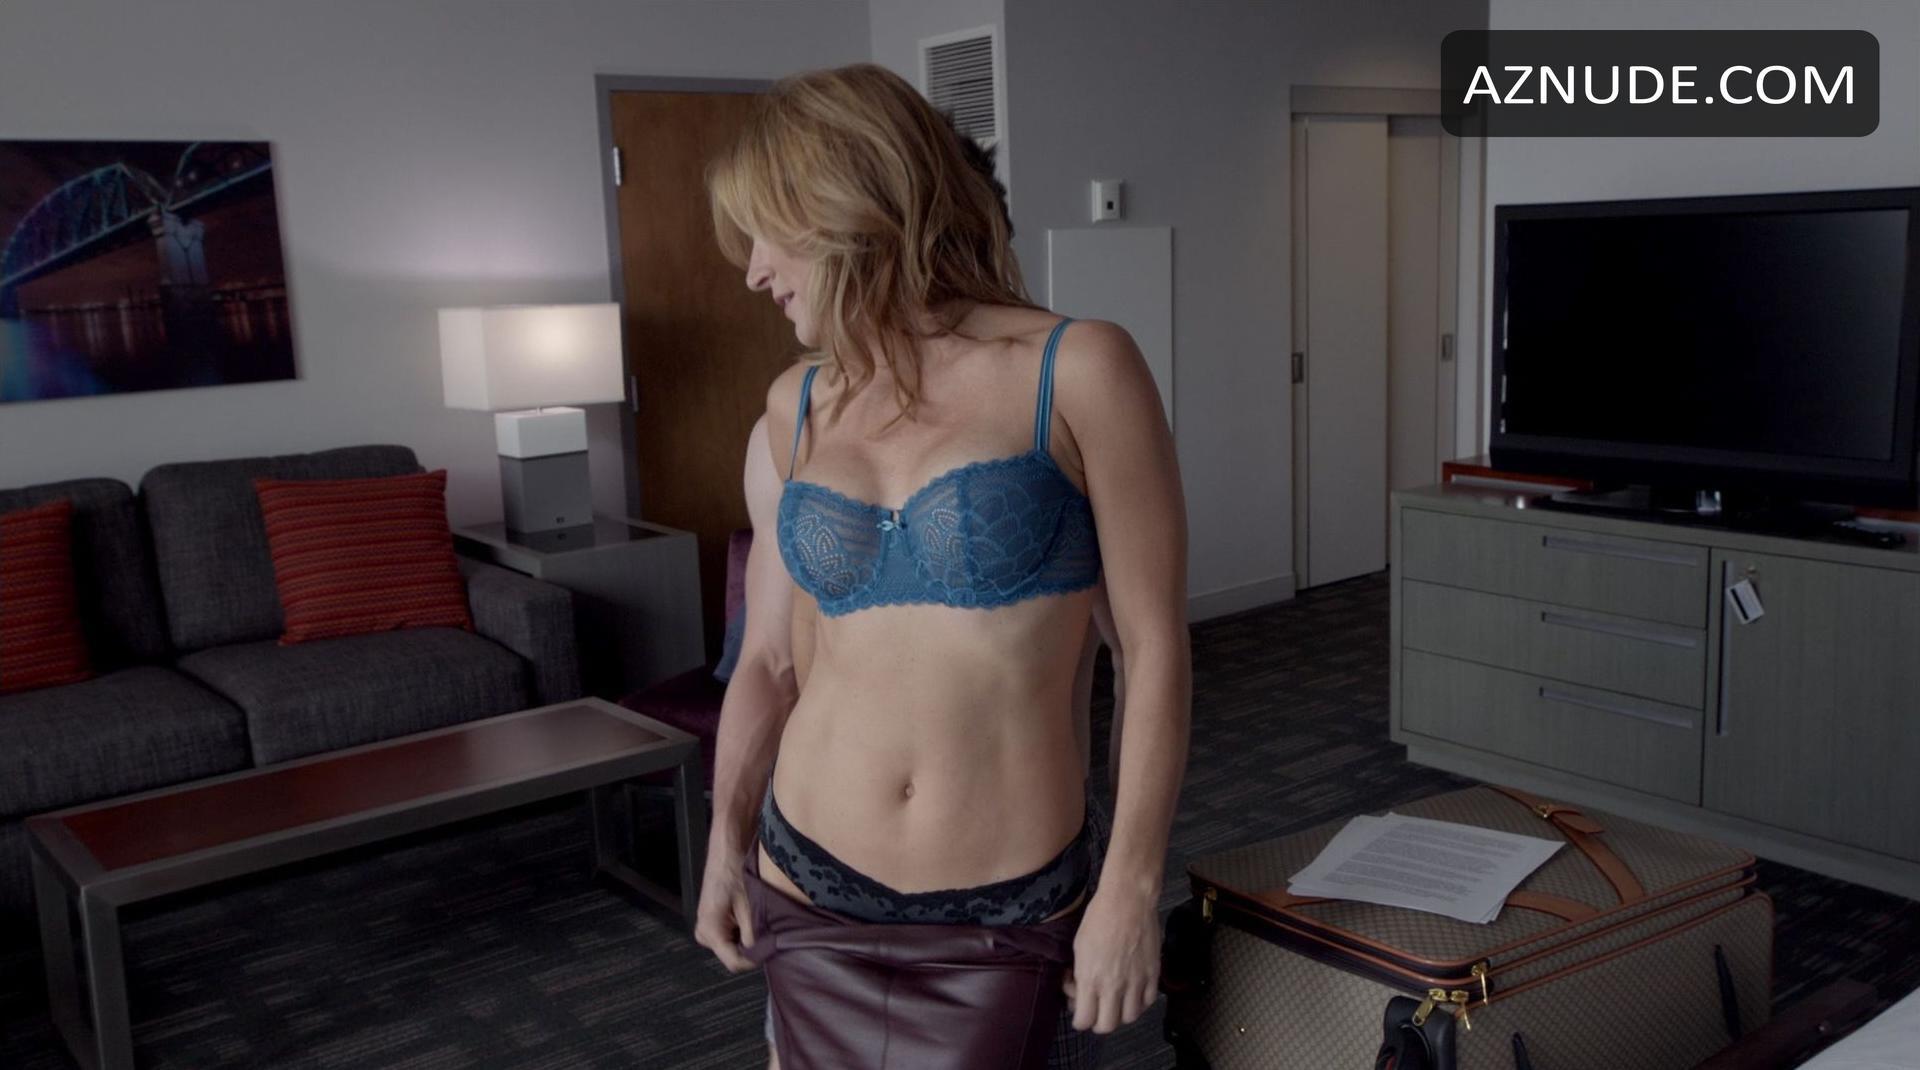 Sextube public handjob